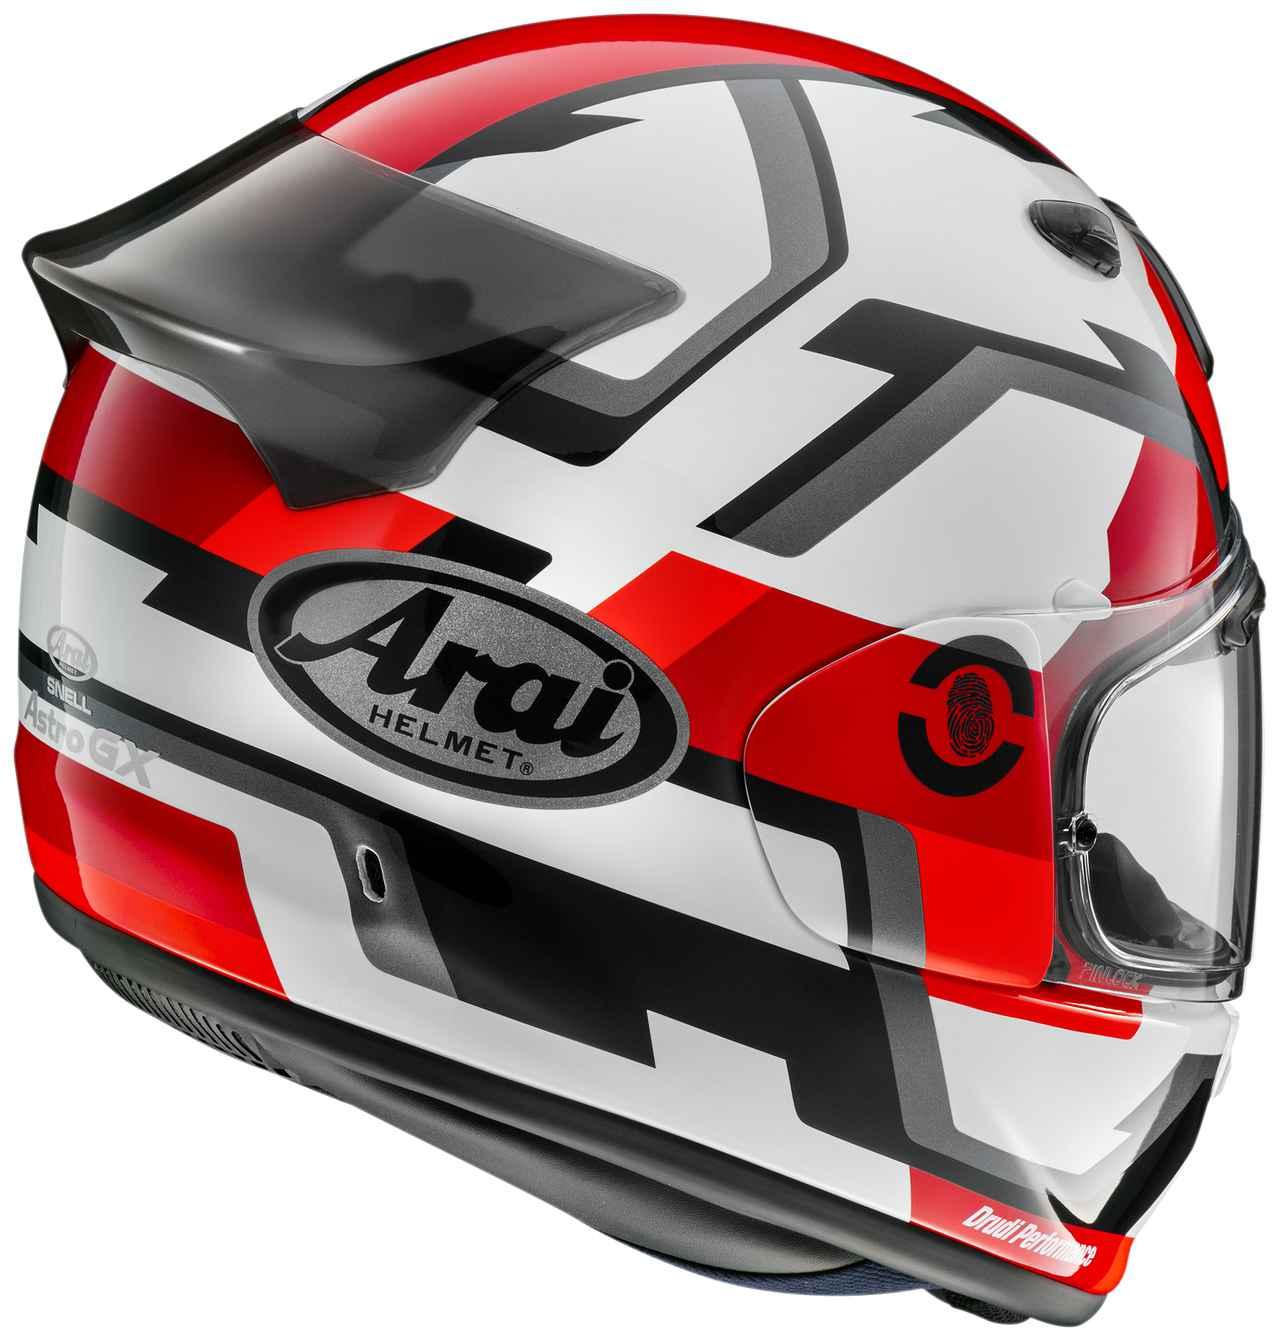 Images : 5番目の画像 - 【写真6枚】アライヘルメット「アストロGX・フェイス」 - webオートバイ